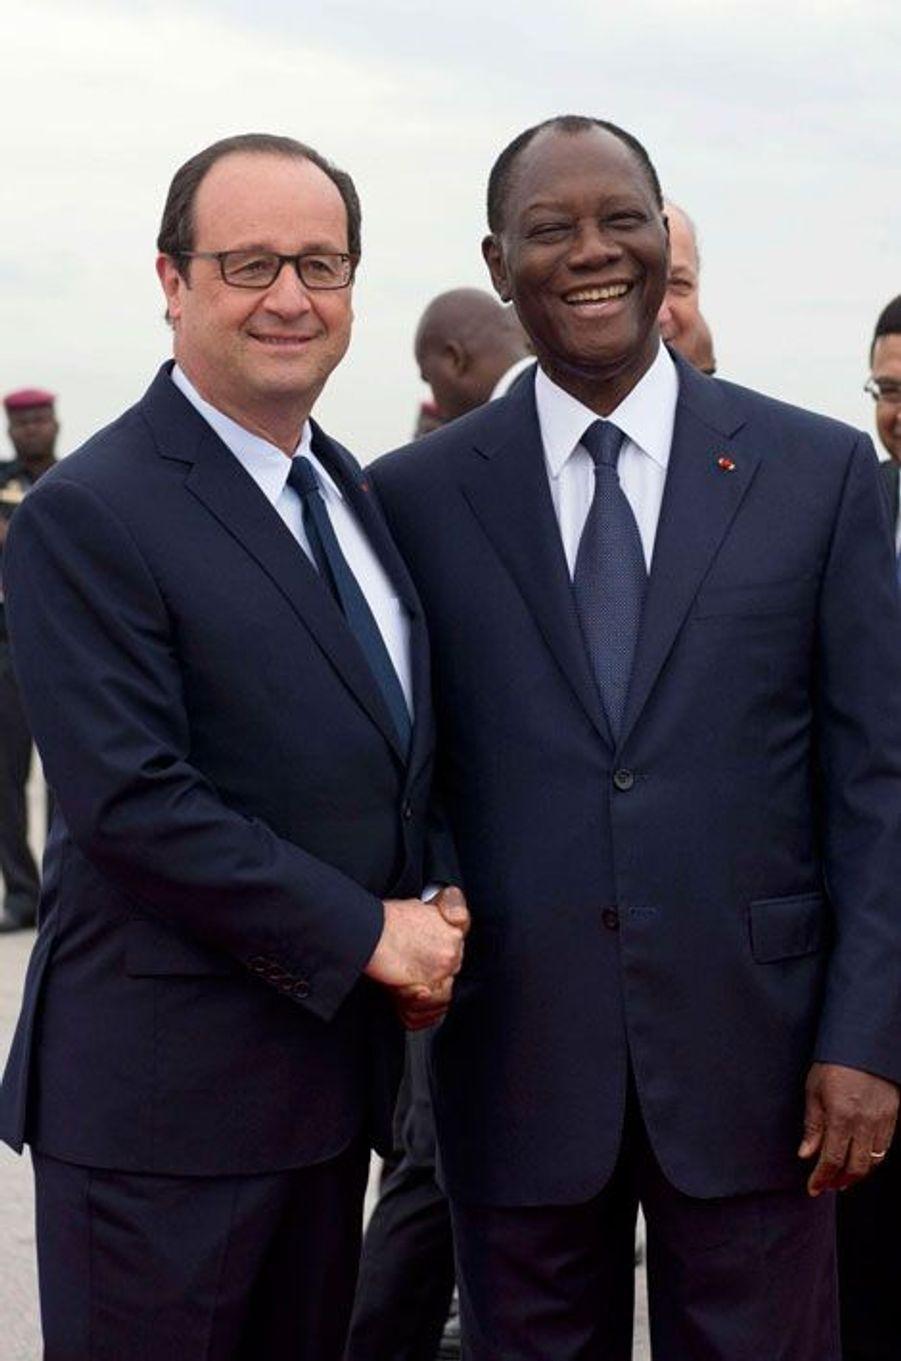 La traditionnelle première poignée de main de bienvenue entre les deux présidents, tout sourires.